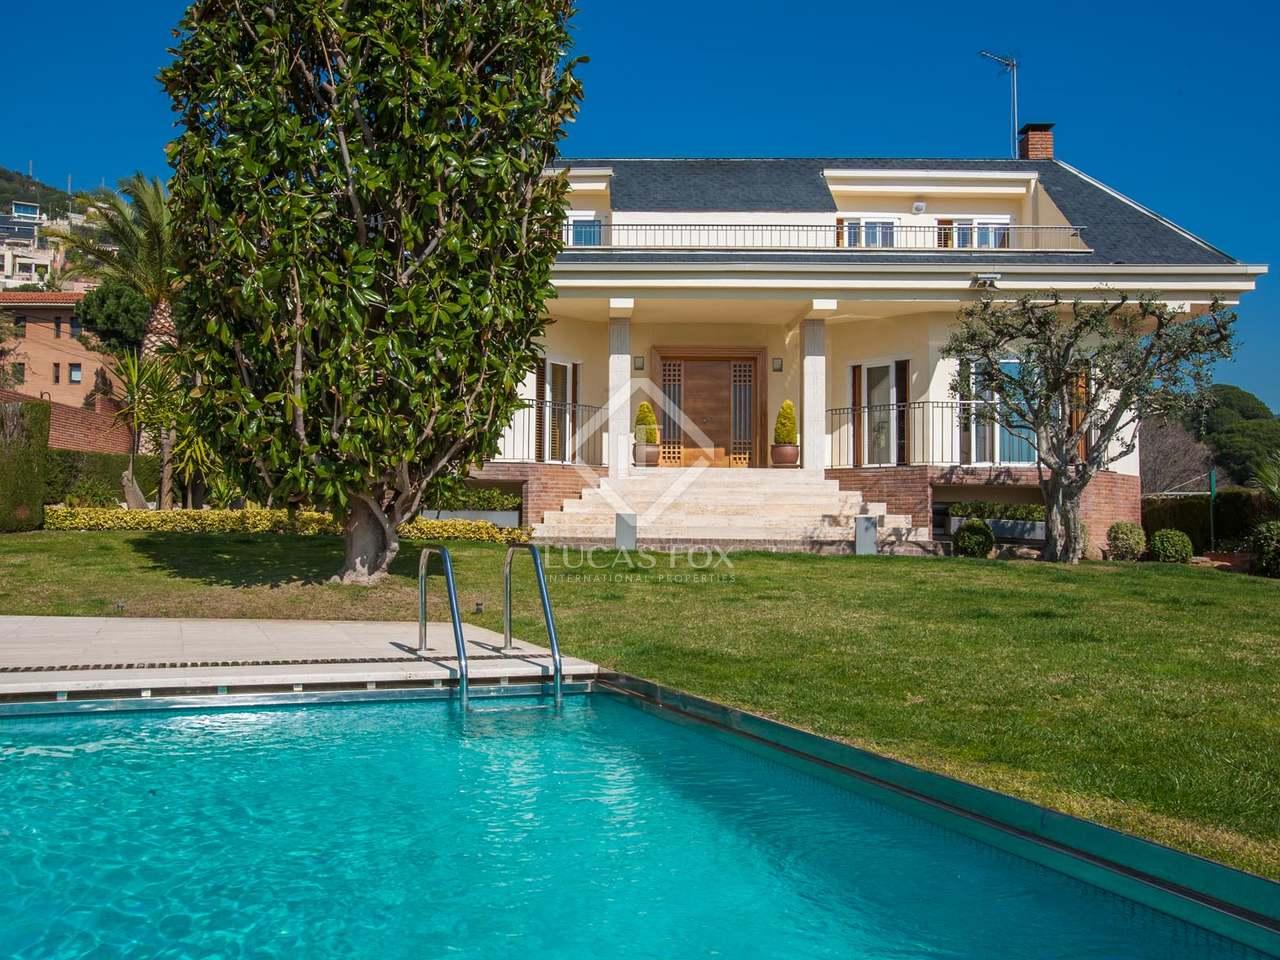 Villa de 5 dormitorios en venta en badalona barcelona Villa jardin donde queda